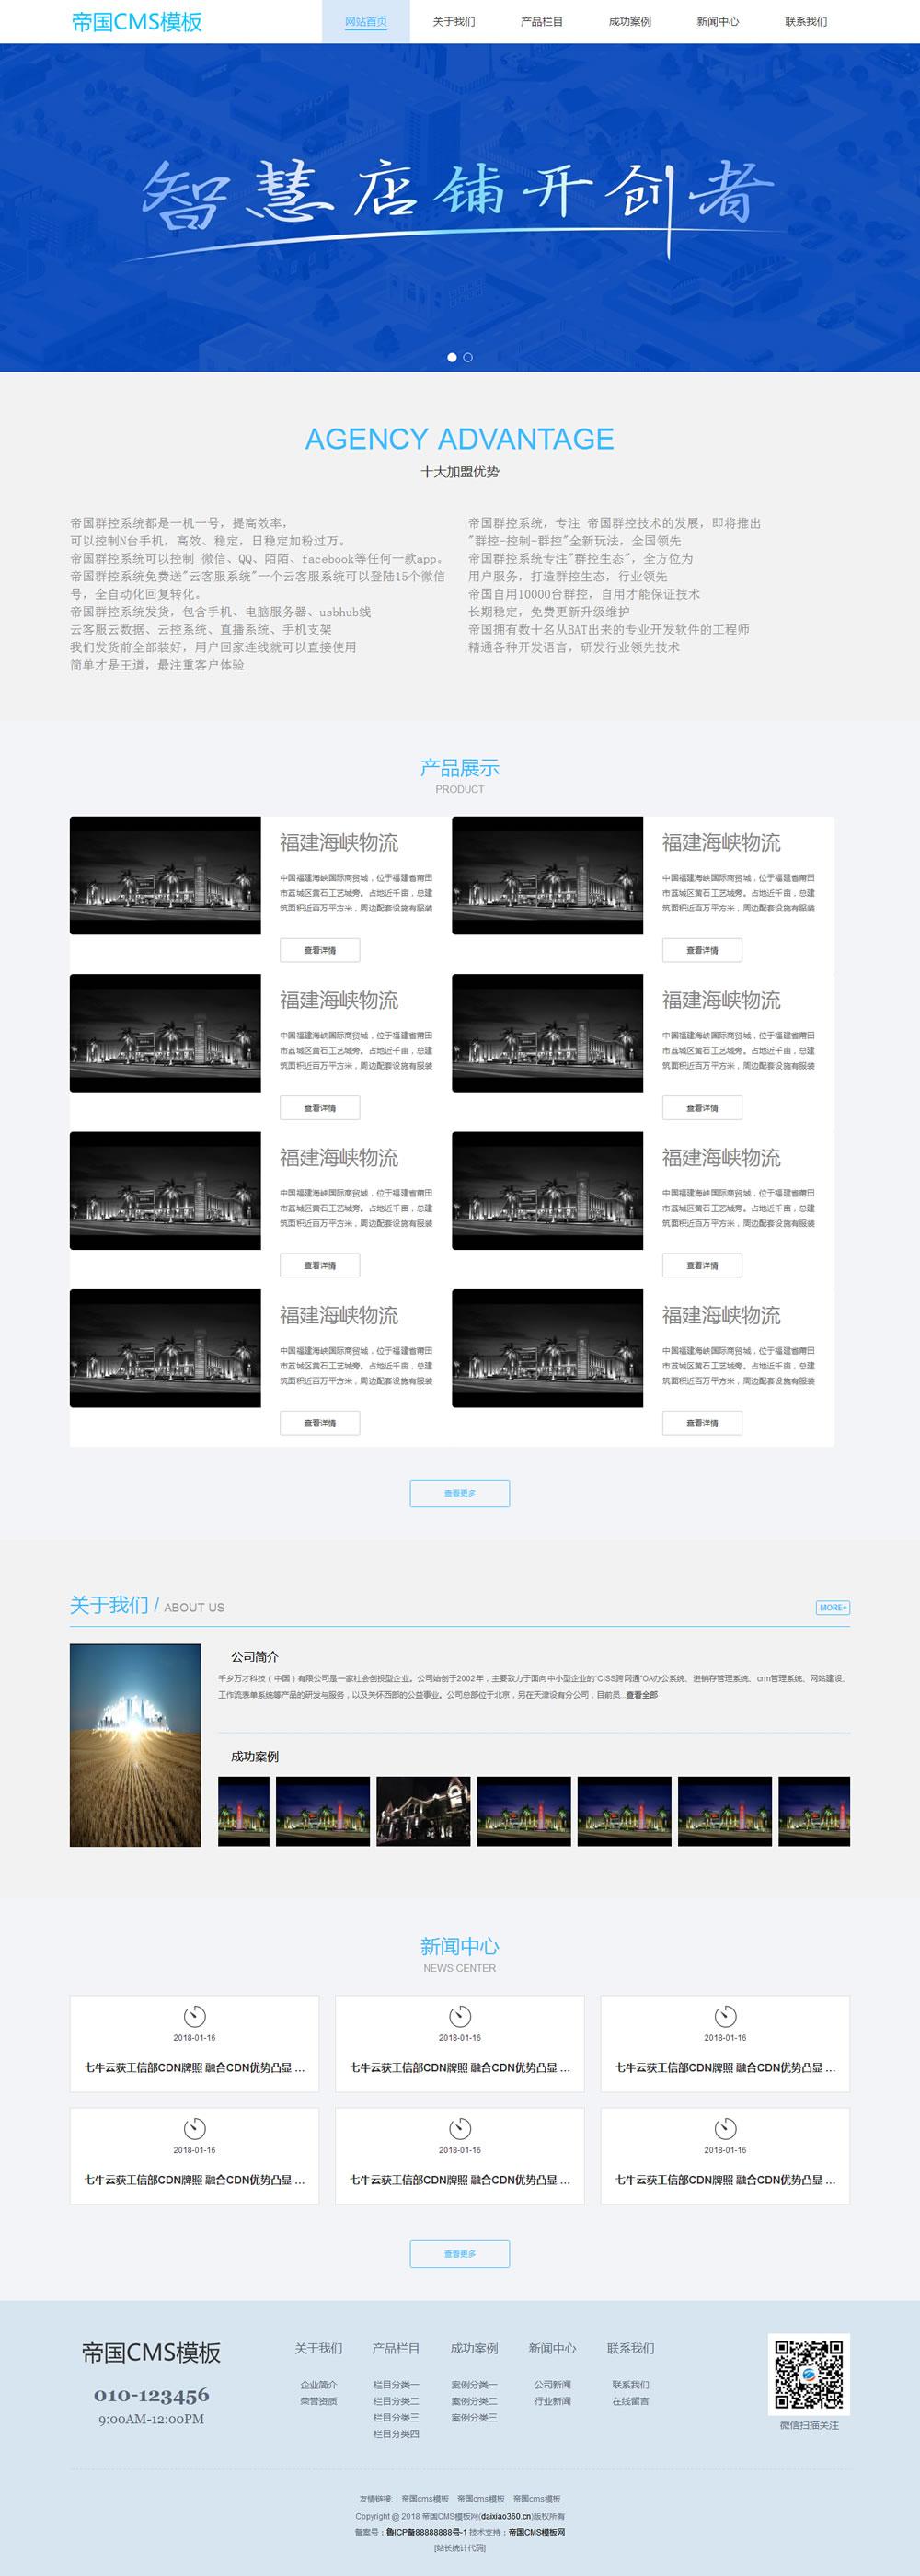 帝国企业模板之蓝色简约大气传媒文化广告咨询类公司网站模板带手机版_首页